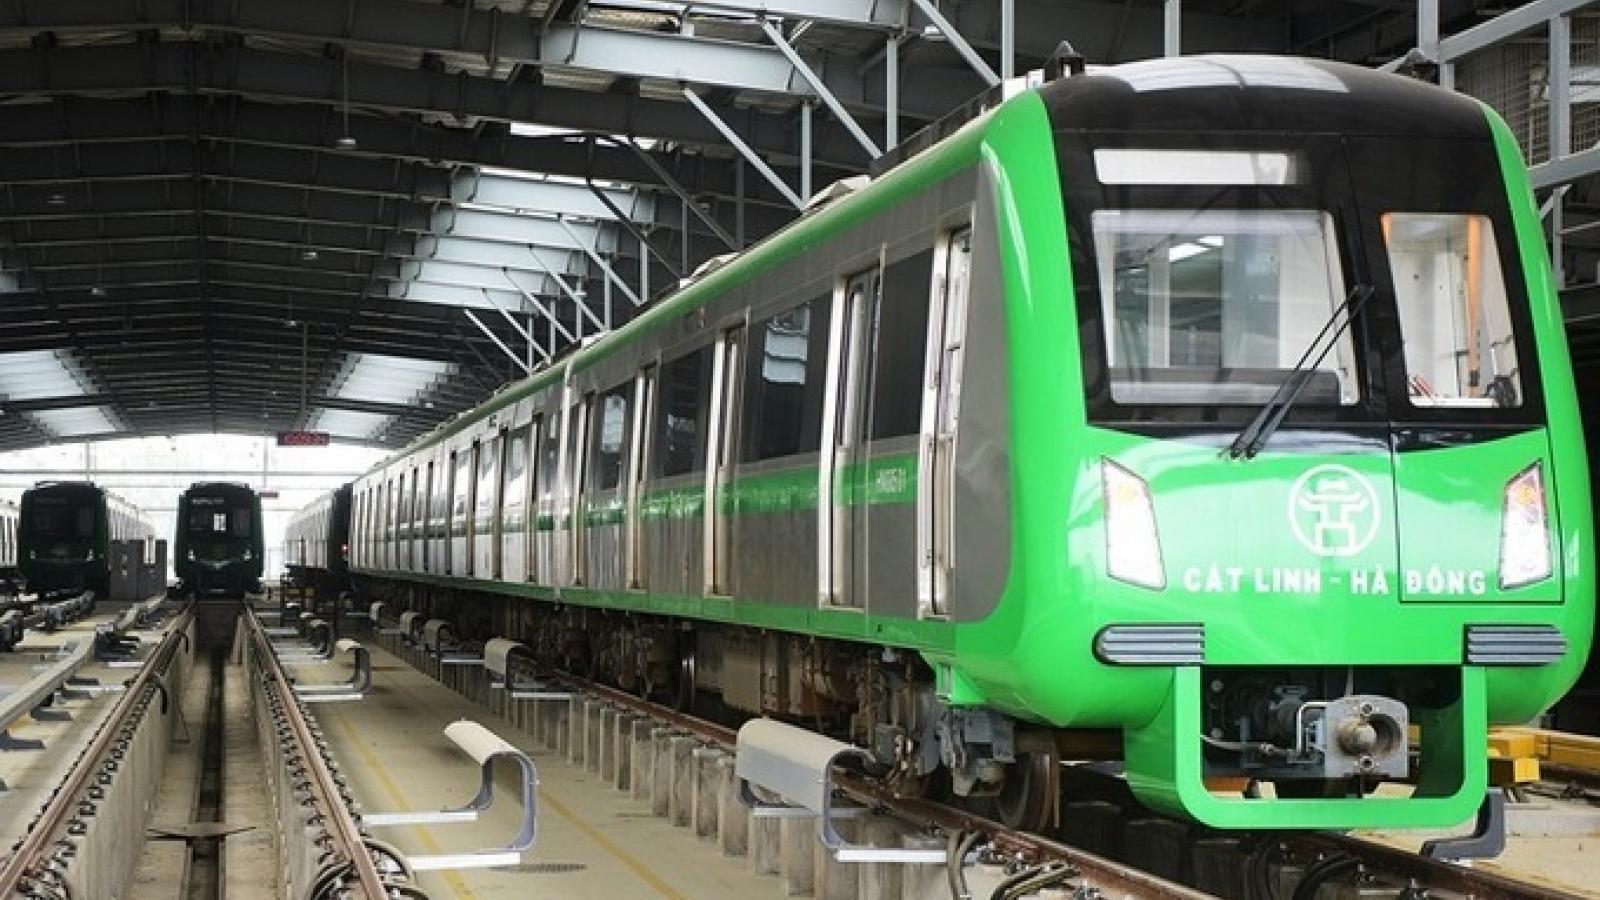 Hành khách làm thế nào để mua vé đi tàu điện tuyến Cát Linh-Hà Đông?